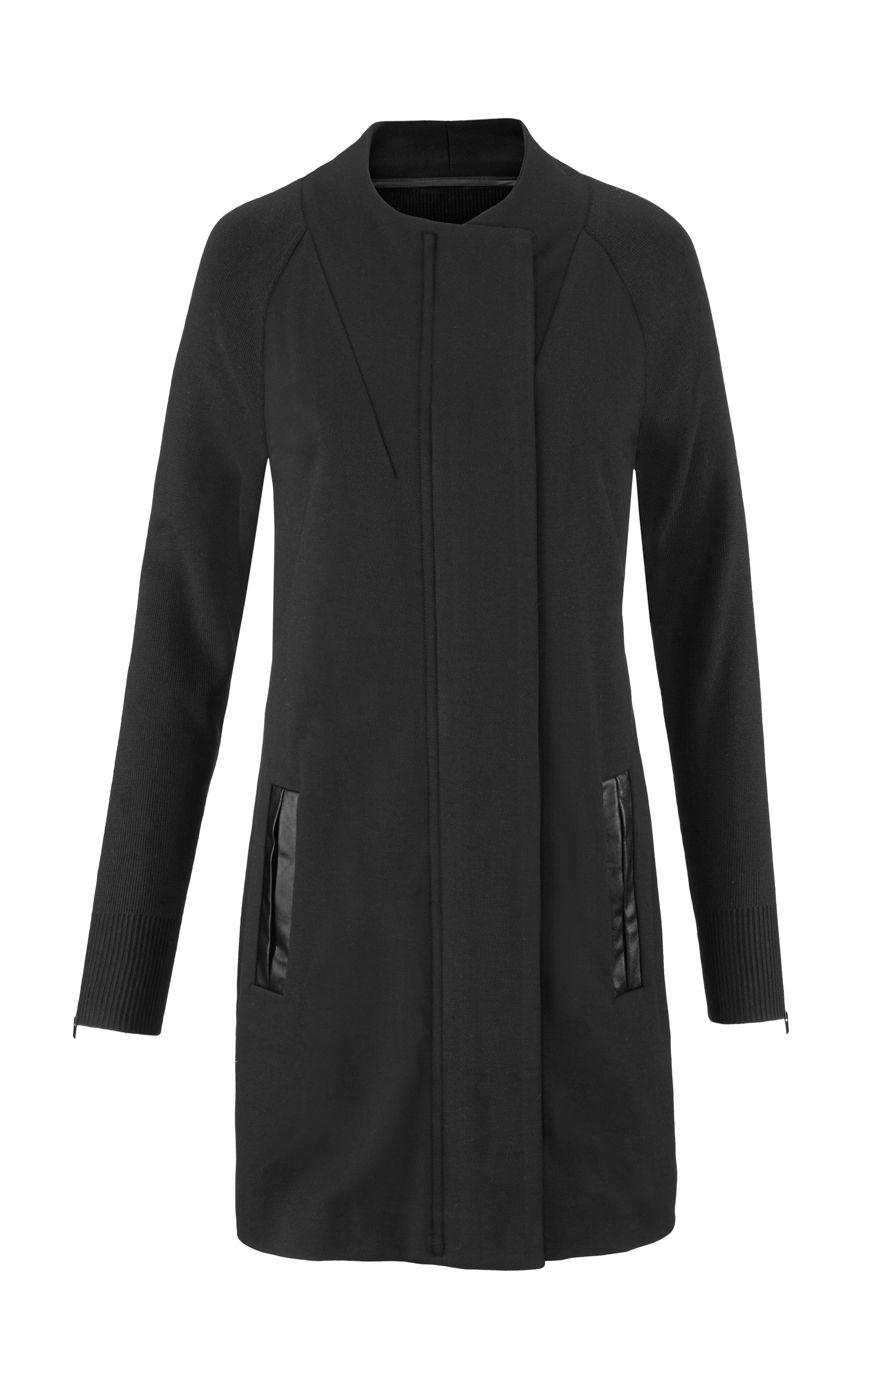 28da80aa0ed2 Cabi Tailor Coat Item No. 3351  179.00